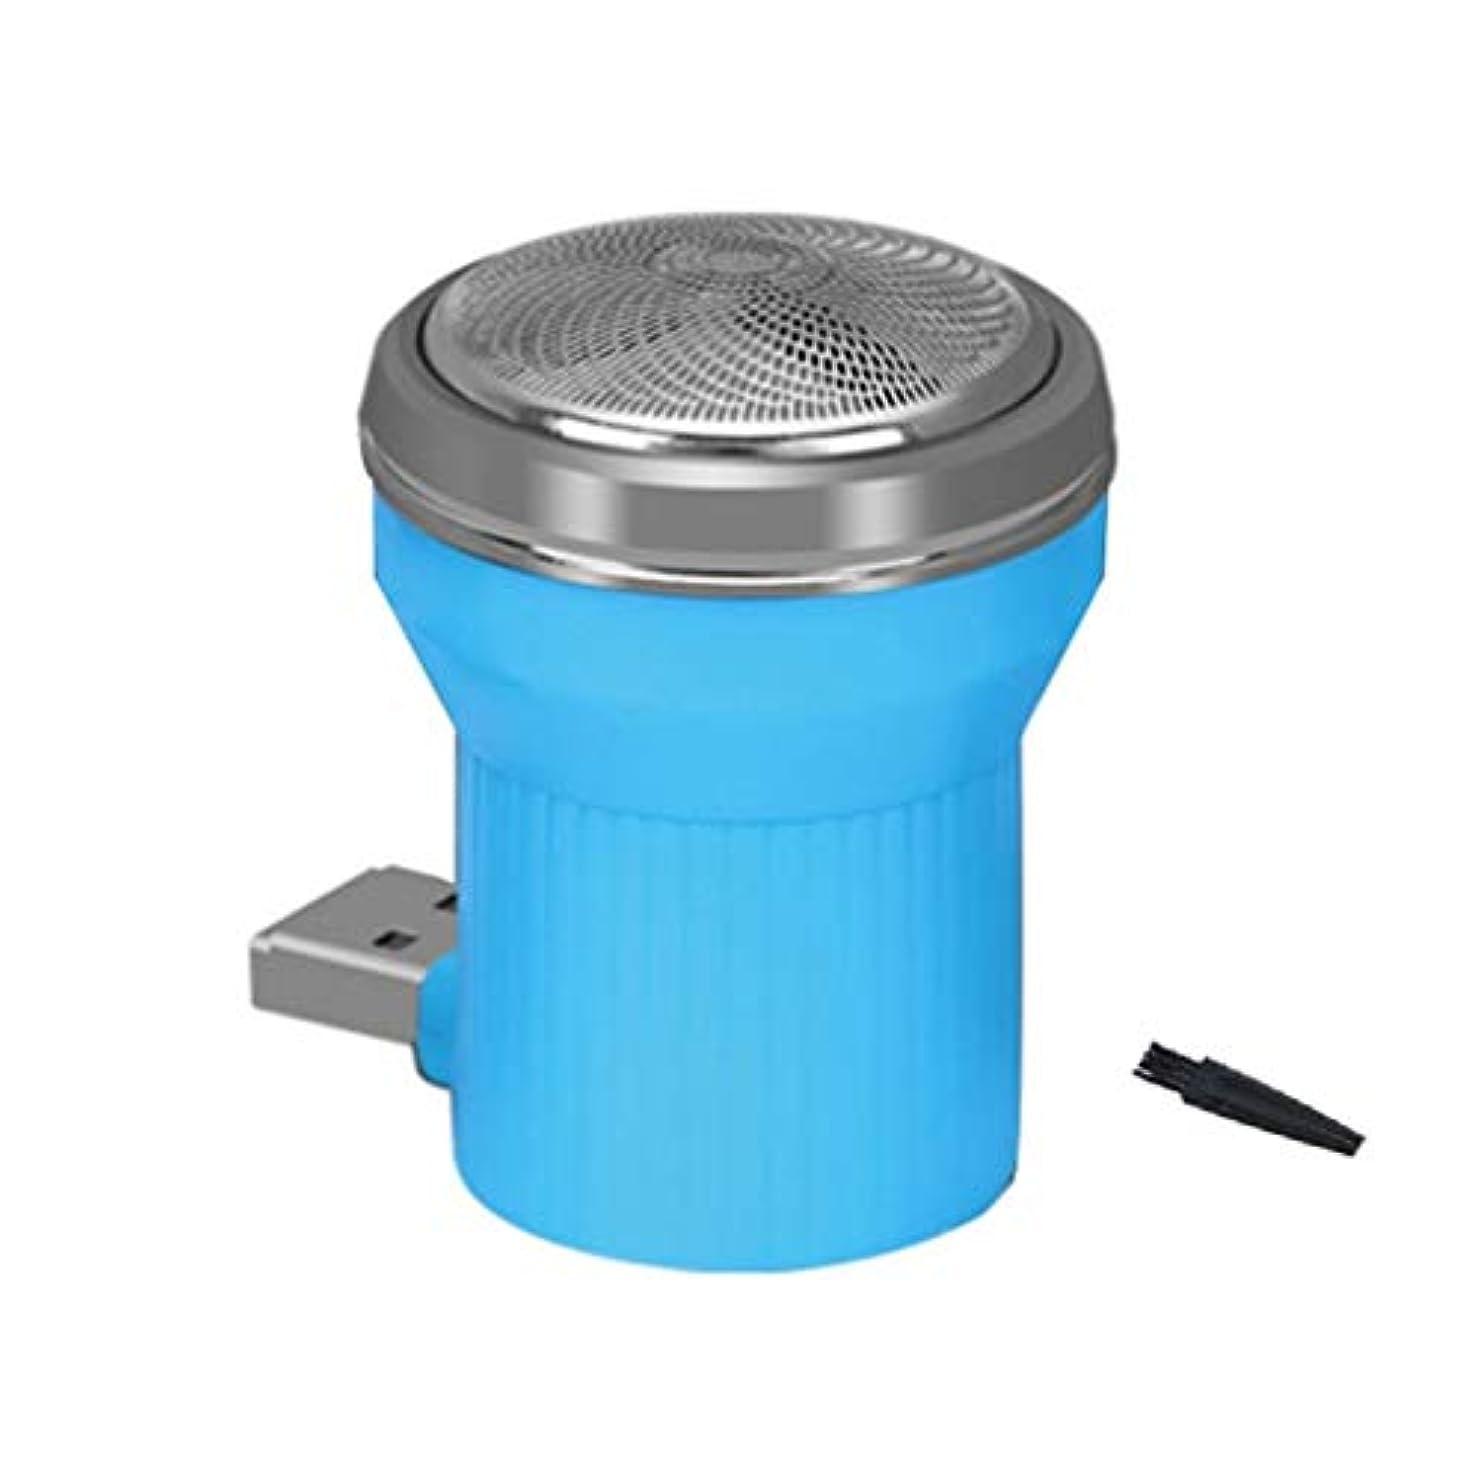 剥離海洋とてもマイクロUSBアンドロイド電源用ポータブルミニスマートフォン技術電気シェーバーカミソリ緊急ポータブルトラベル